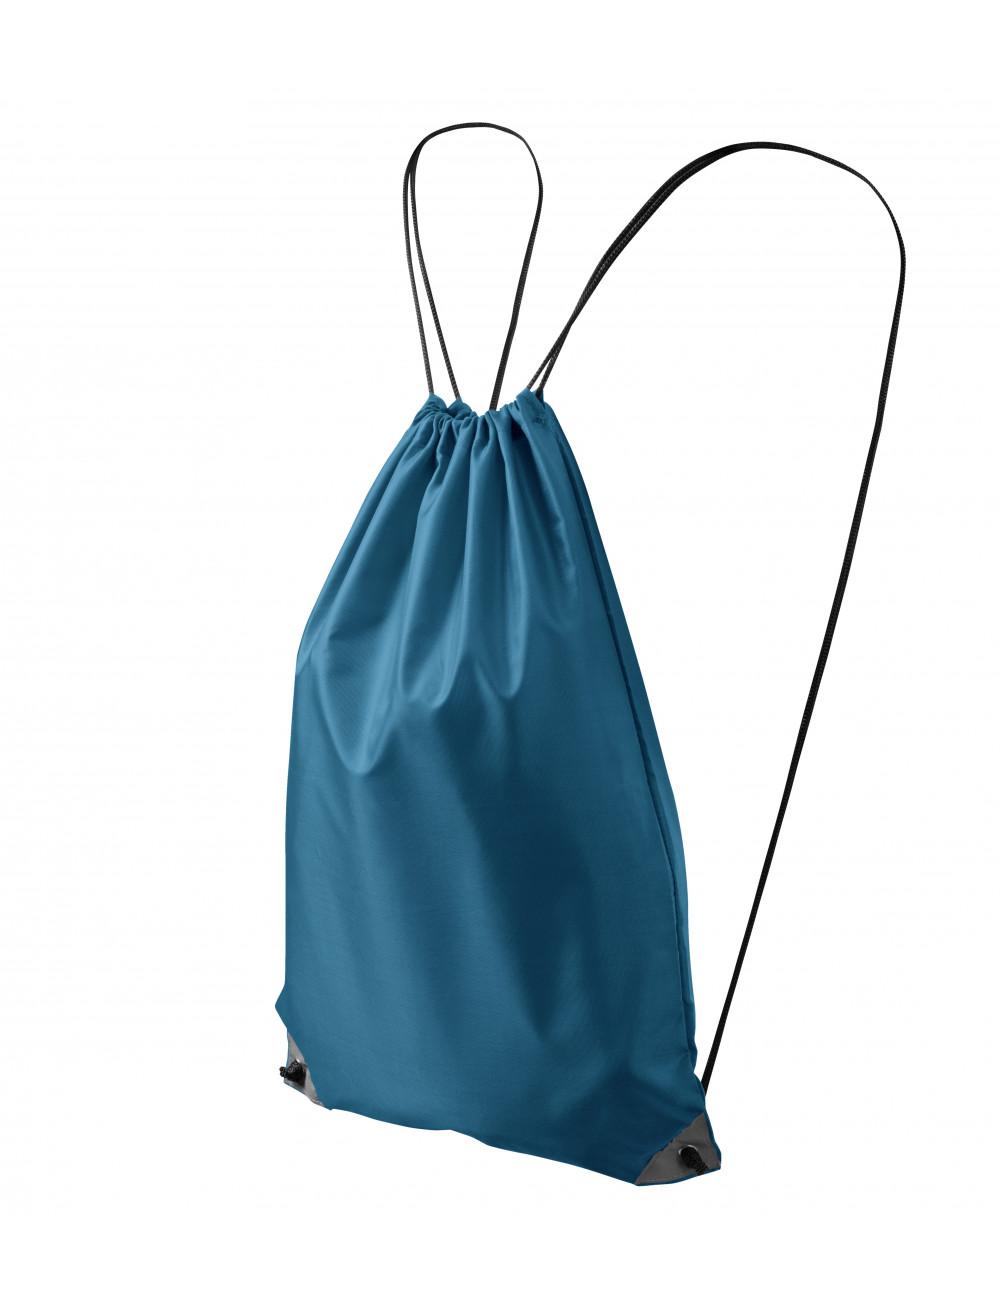 Adler MALFINI Gymsack Unisex/Kids Energy 912 petrol blue